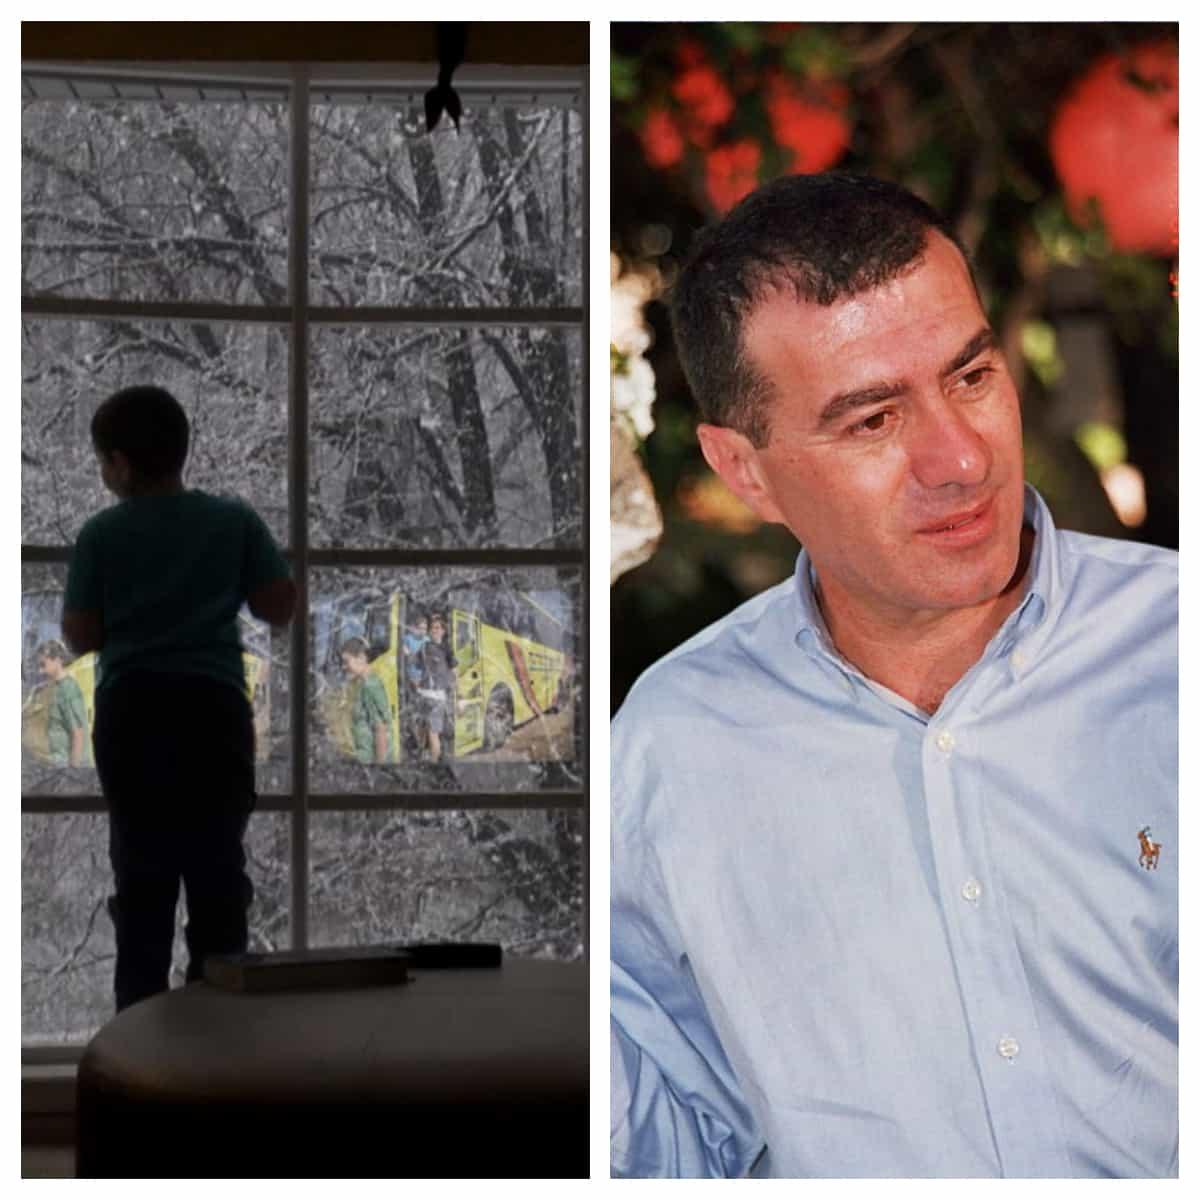 """שלומי אלדר יוצר הסרט """"ארץ זרה"""". צילום כרמל אליהו"""